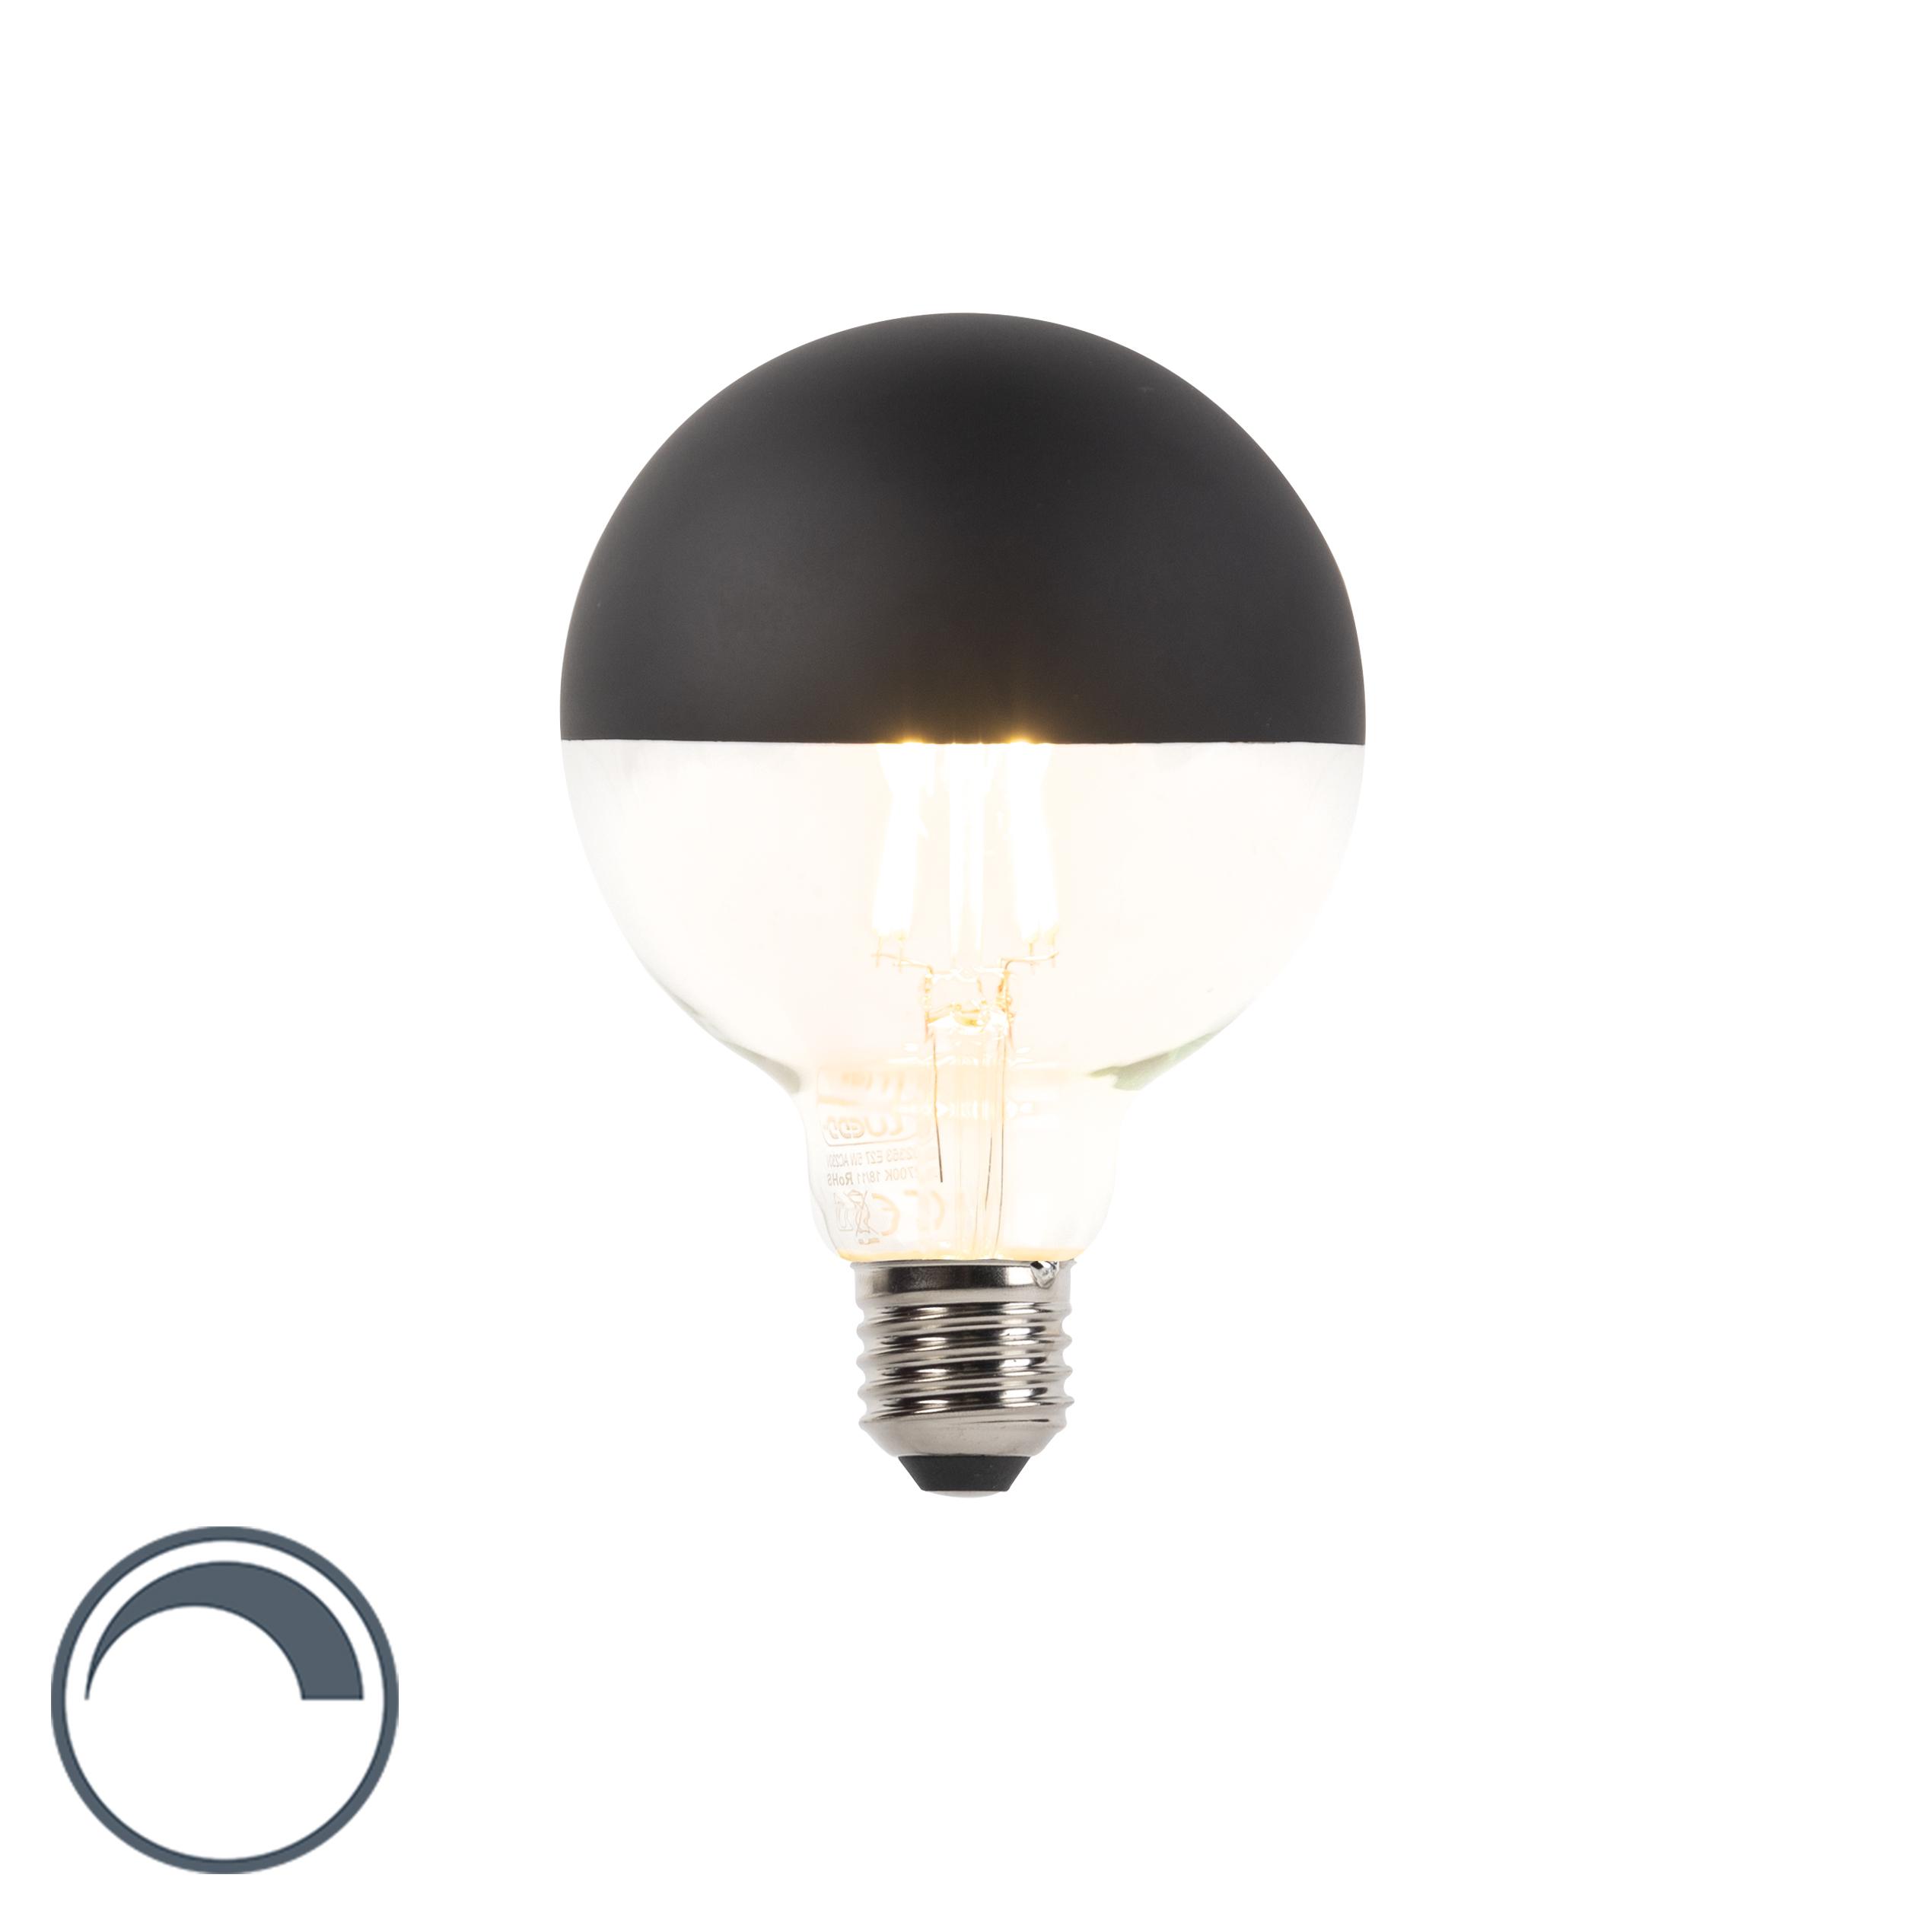 Żarówka lustrzana LED E27 G95 czarna 400lm 2700K ściemnialna